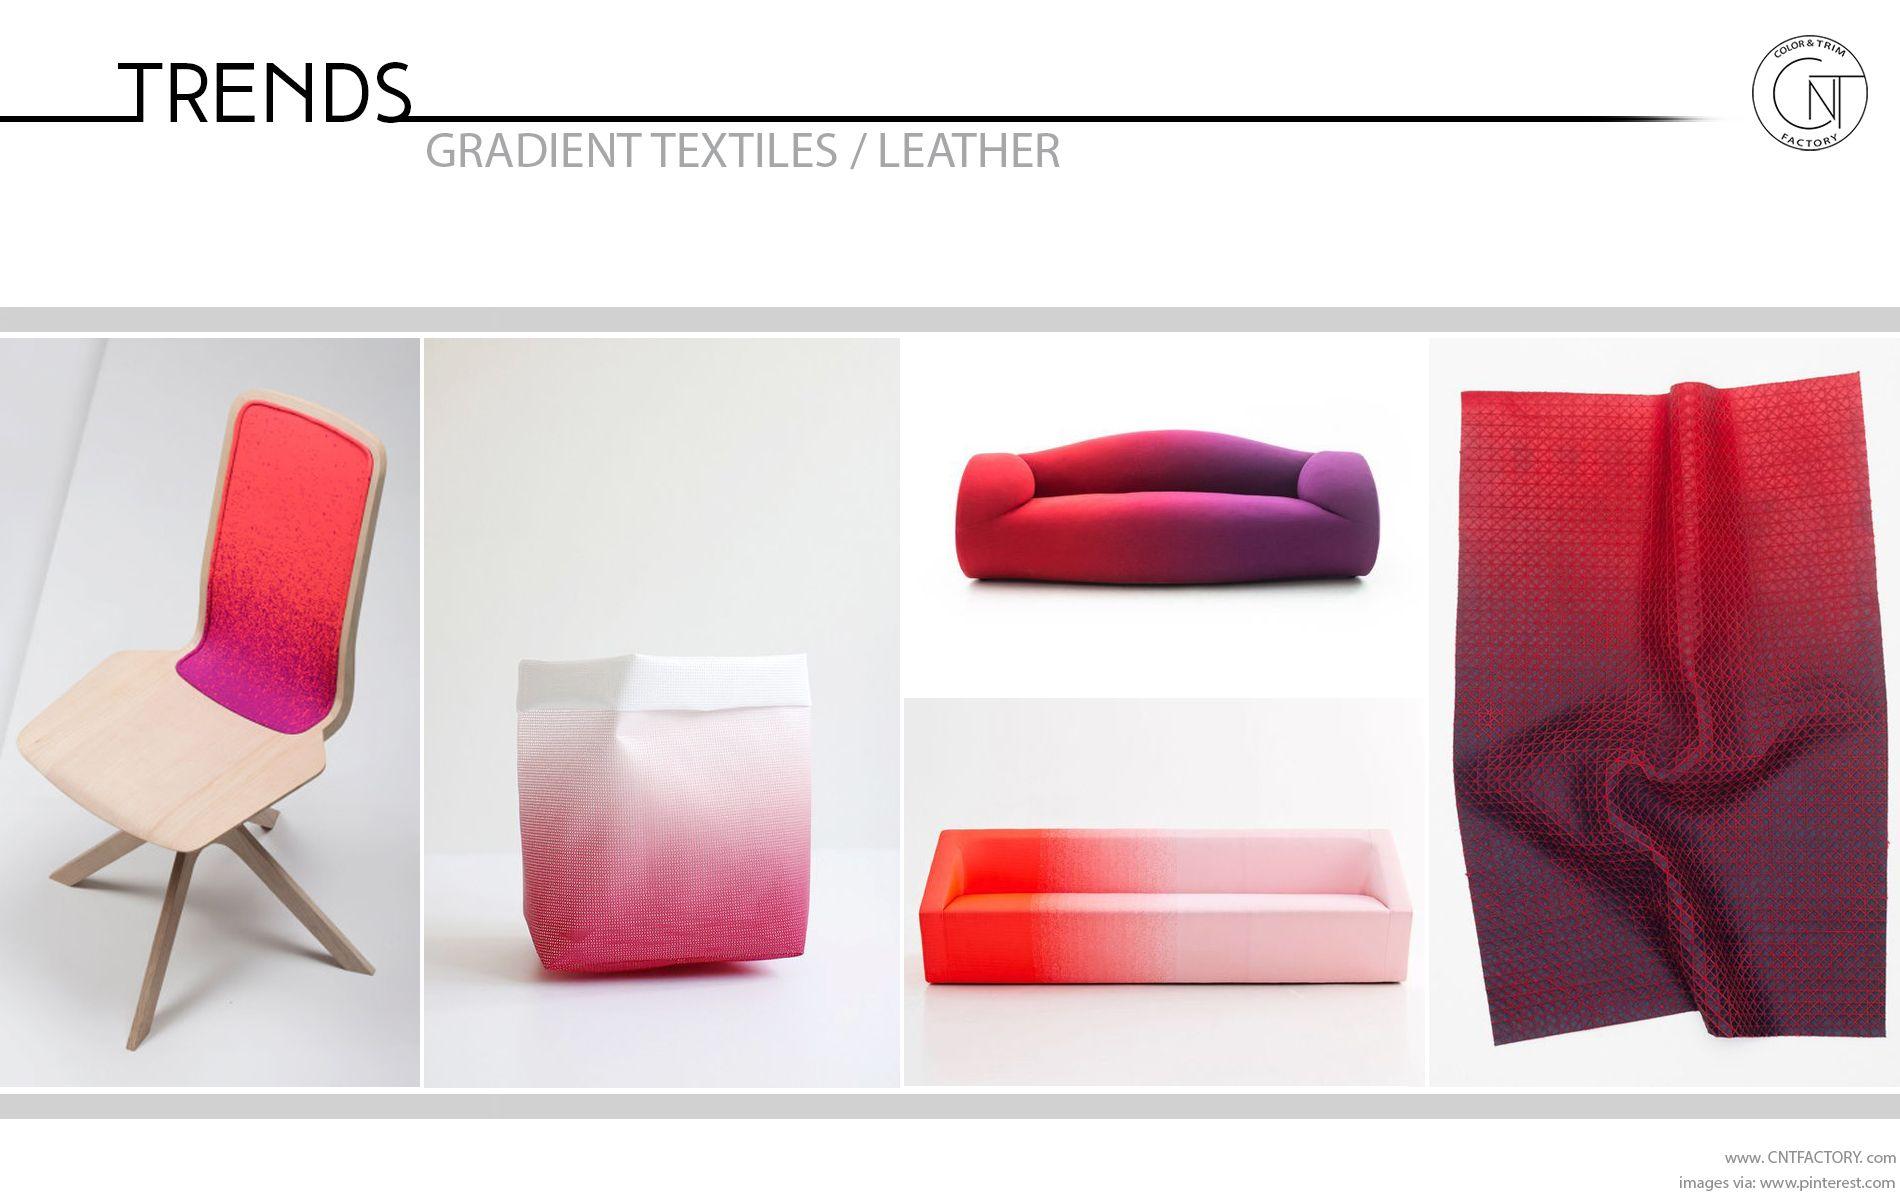 Gradient Textiles Leather Automotive Color Trim Design With Images Design Color Board Design